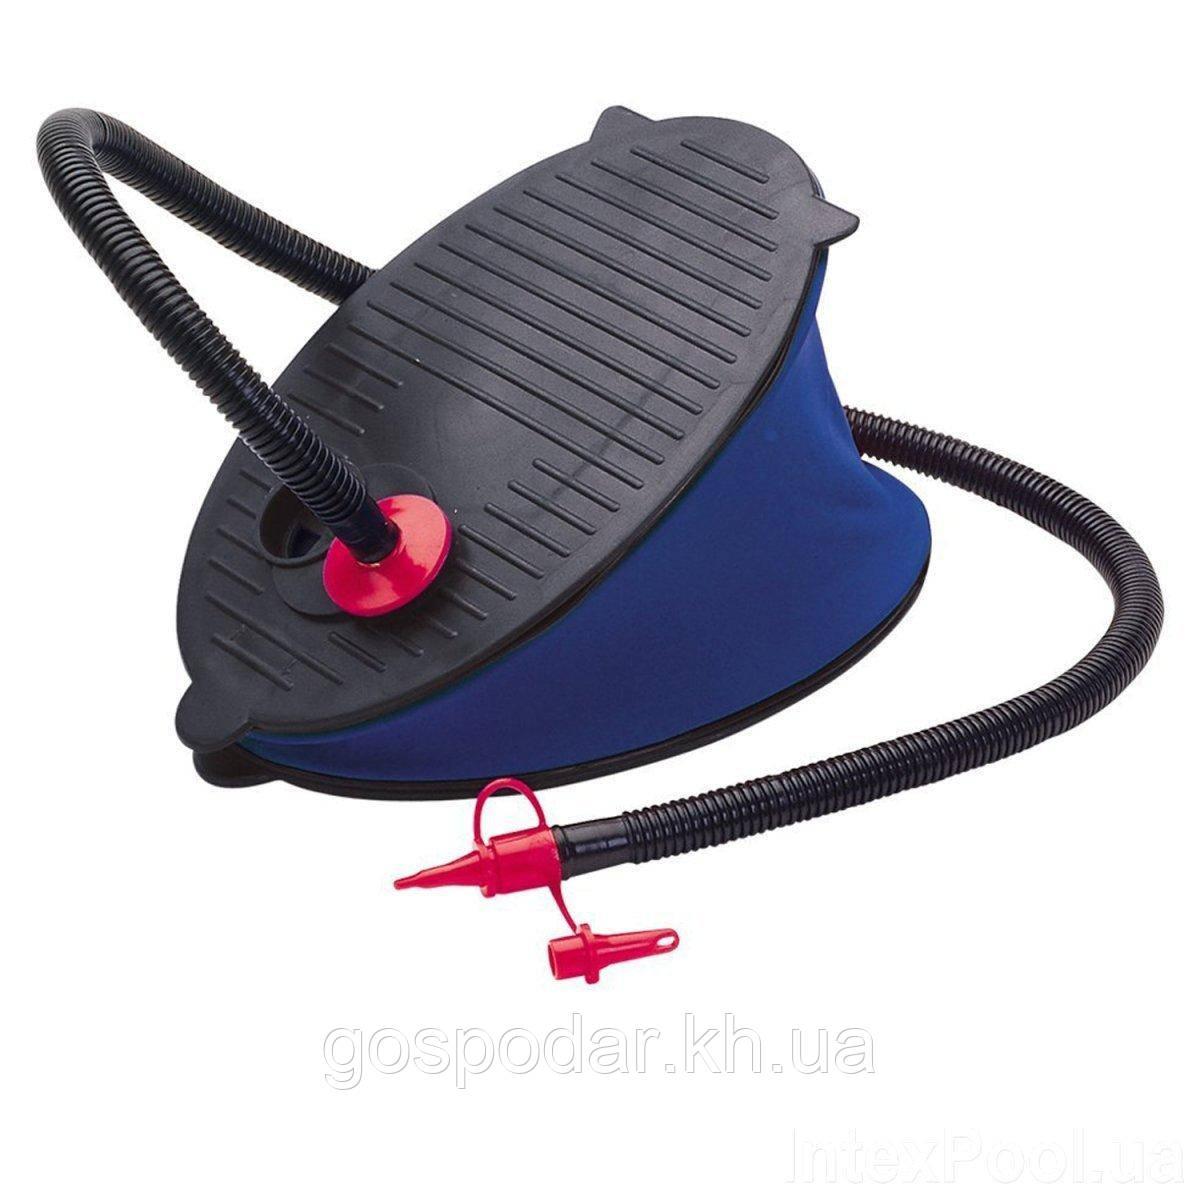 Ножной насос для надувания Intex 69611, объем 3 л, 28 см.